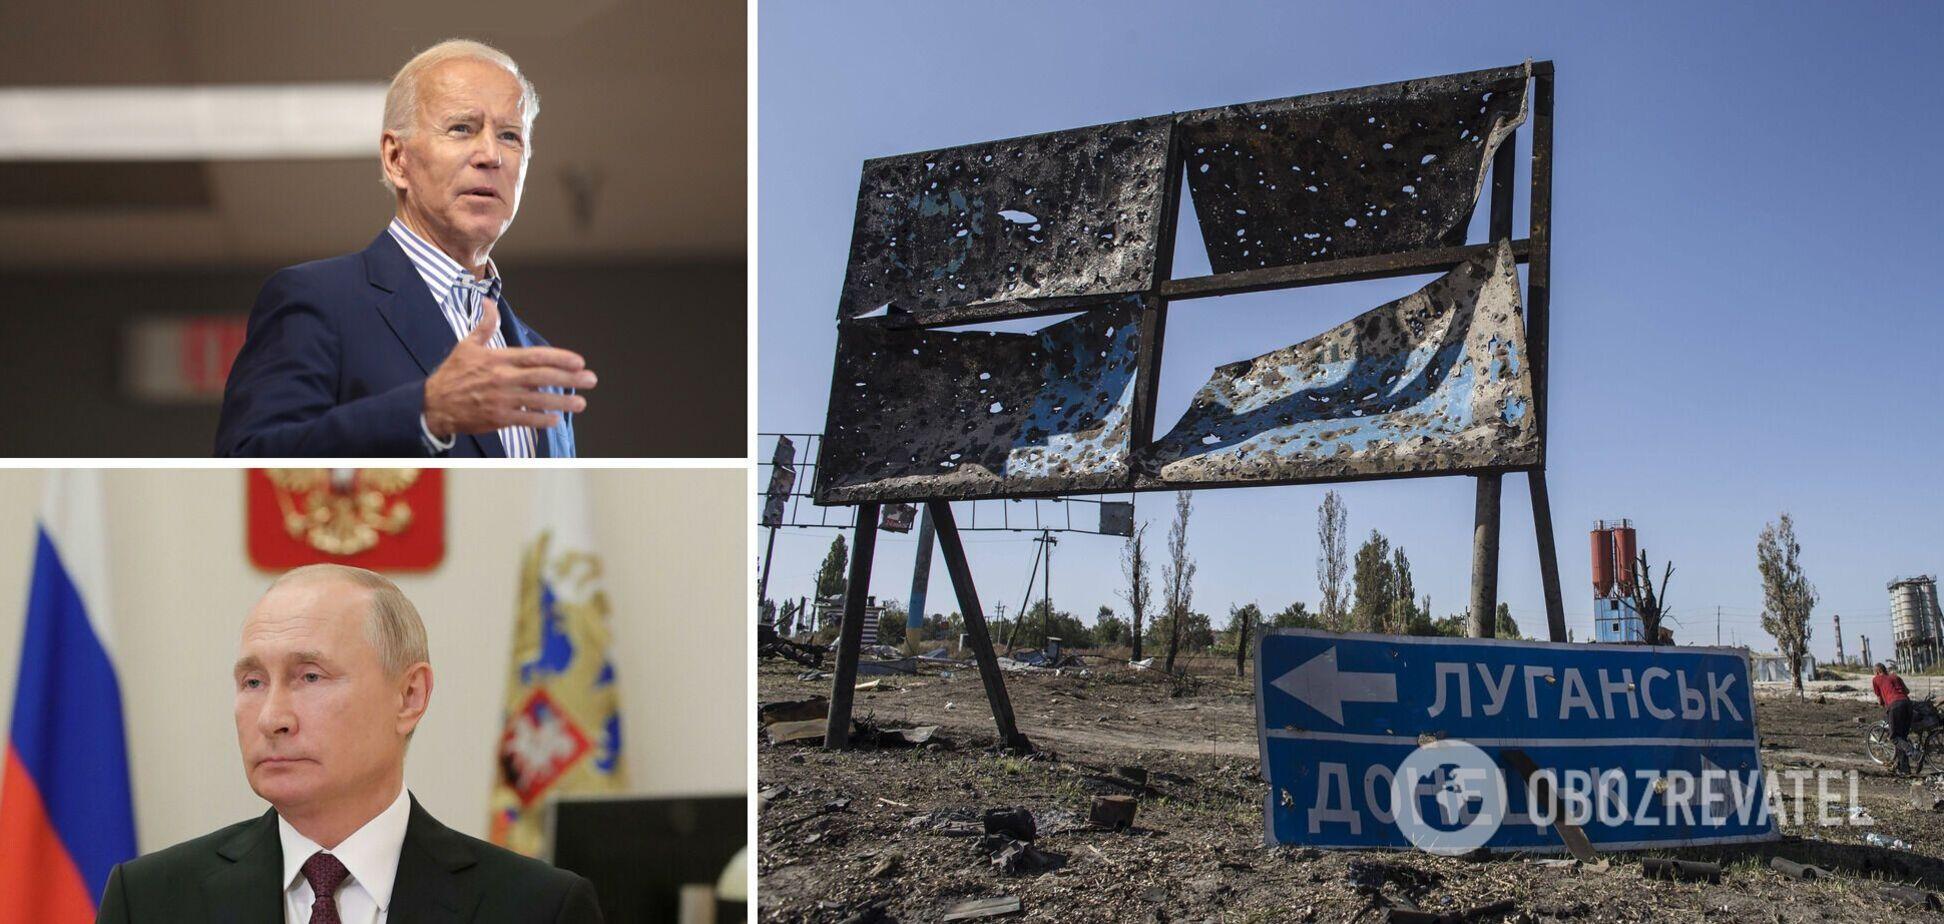 У переговорах щодо Донбасу потрібні США, тому що Кремль їх боїться, – Аслунд